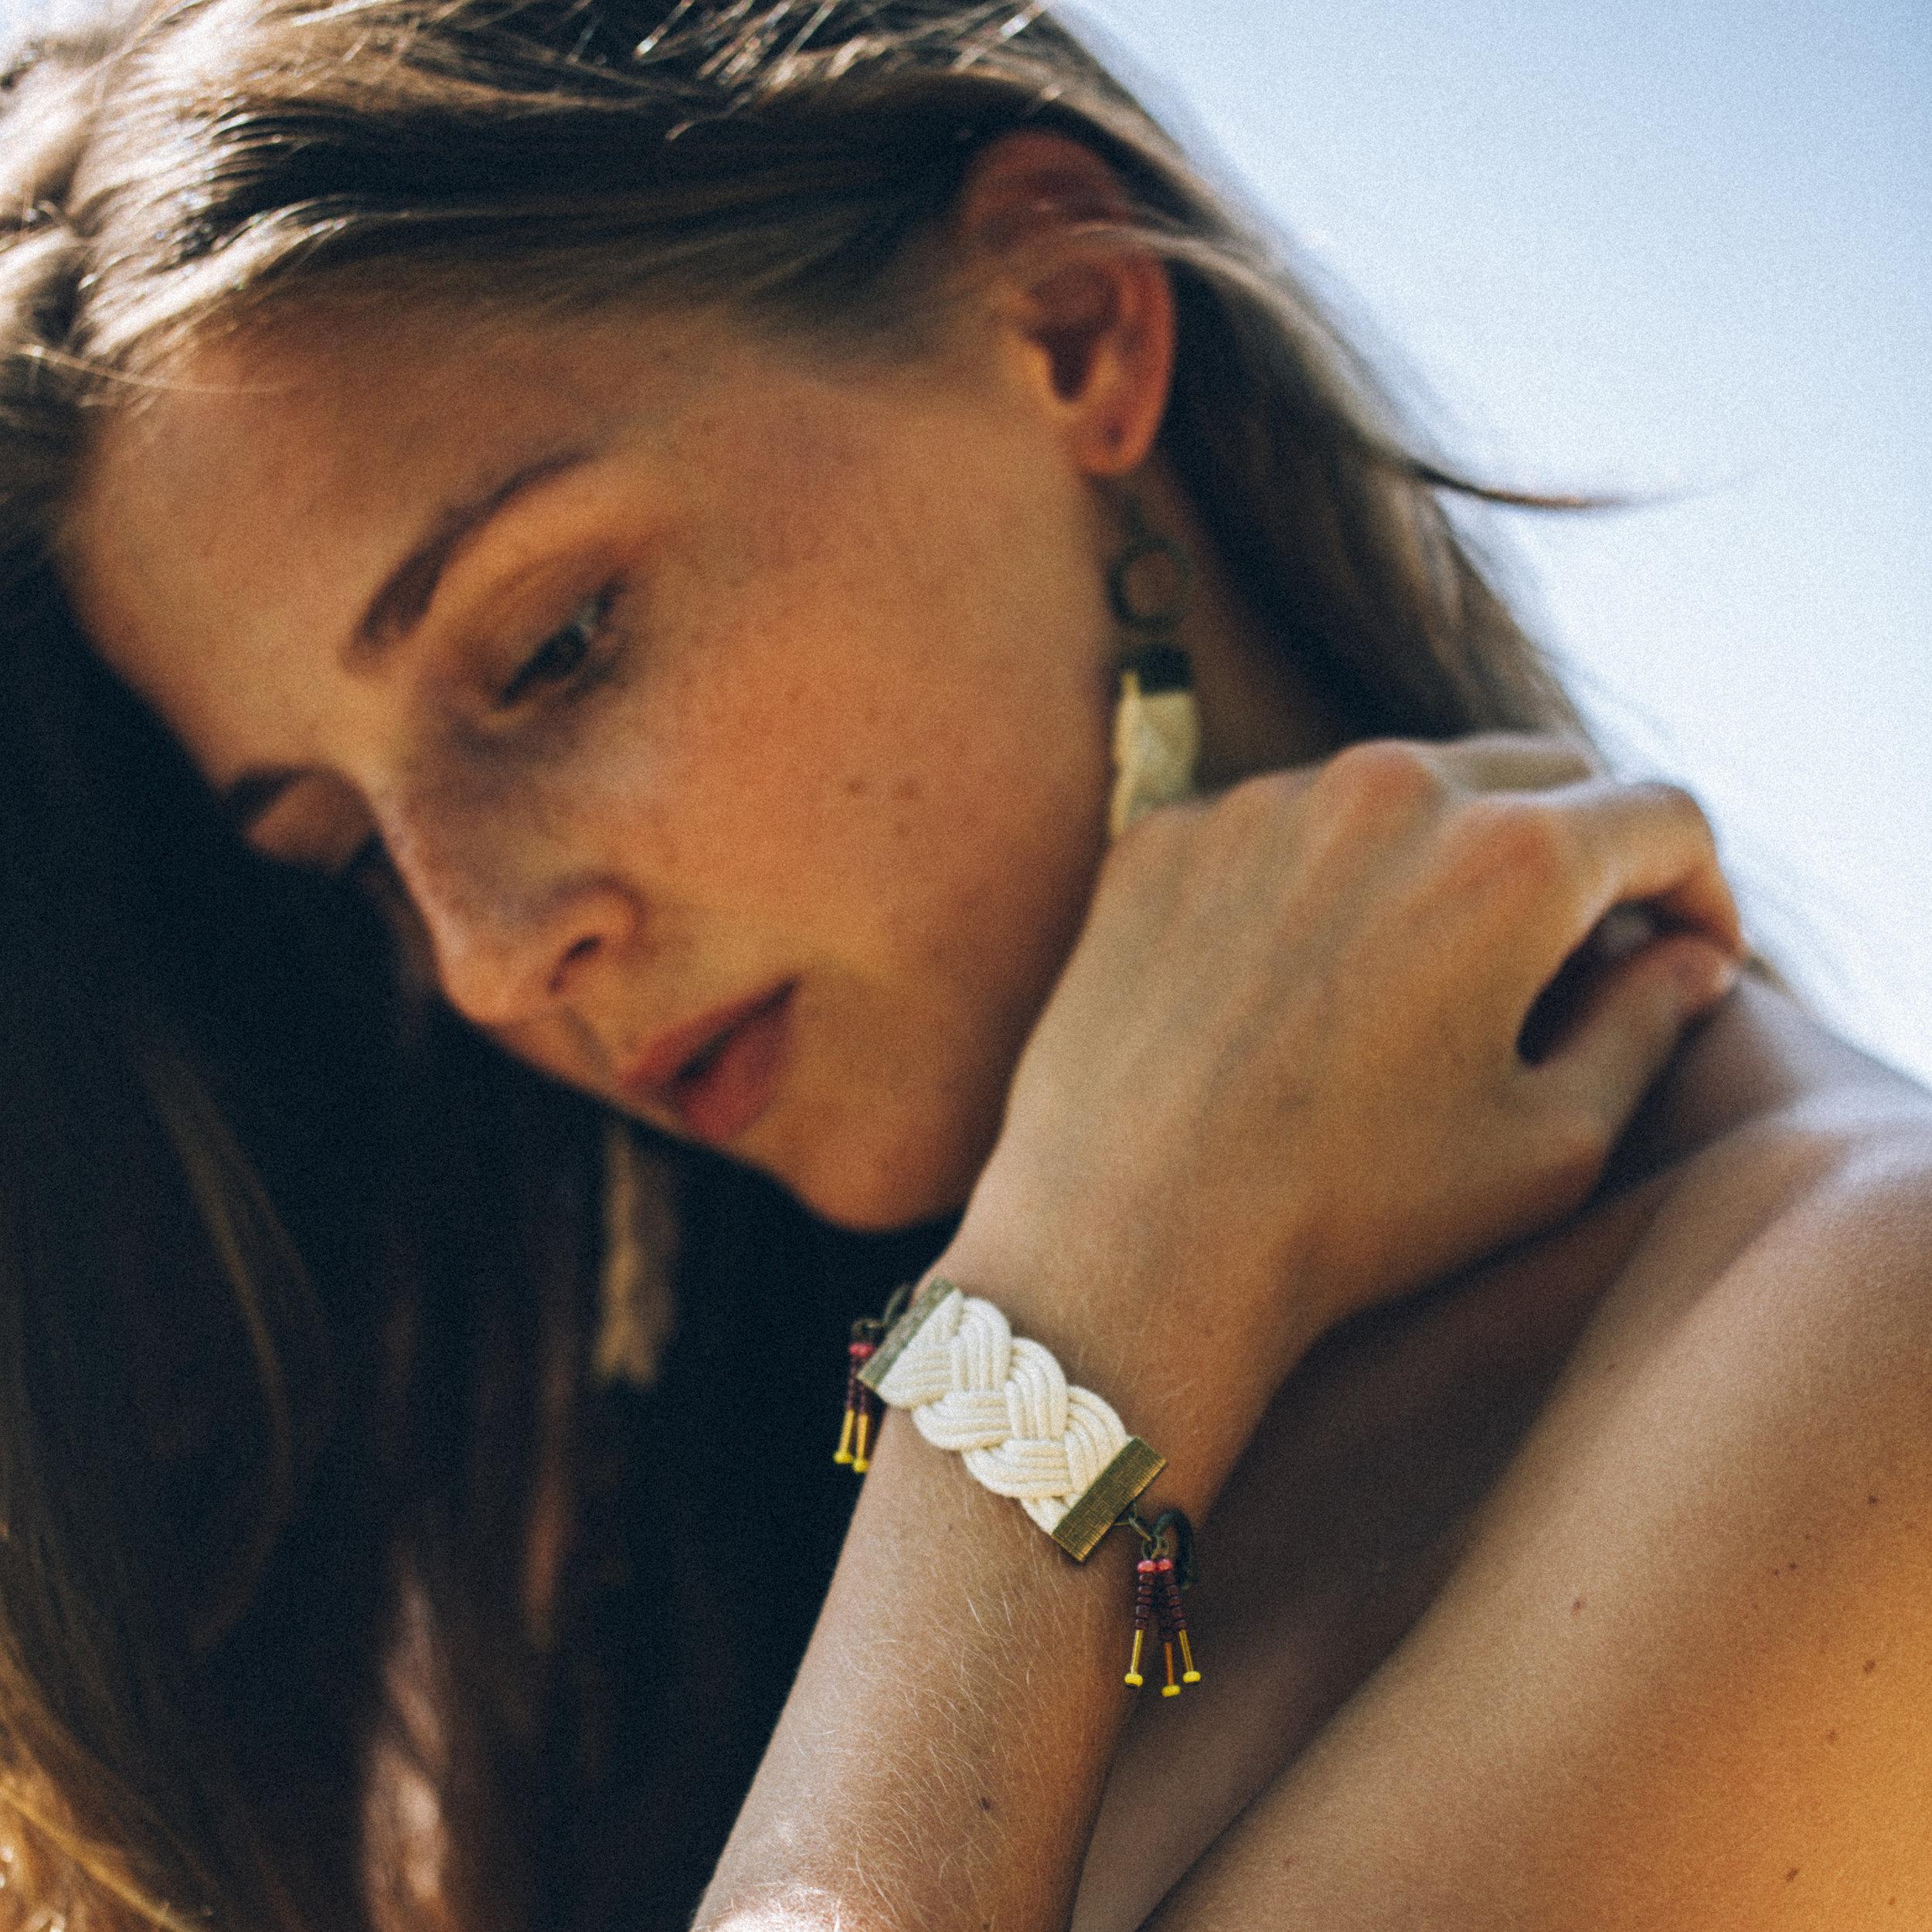 Antoinette  - Braclet | 2015